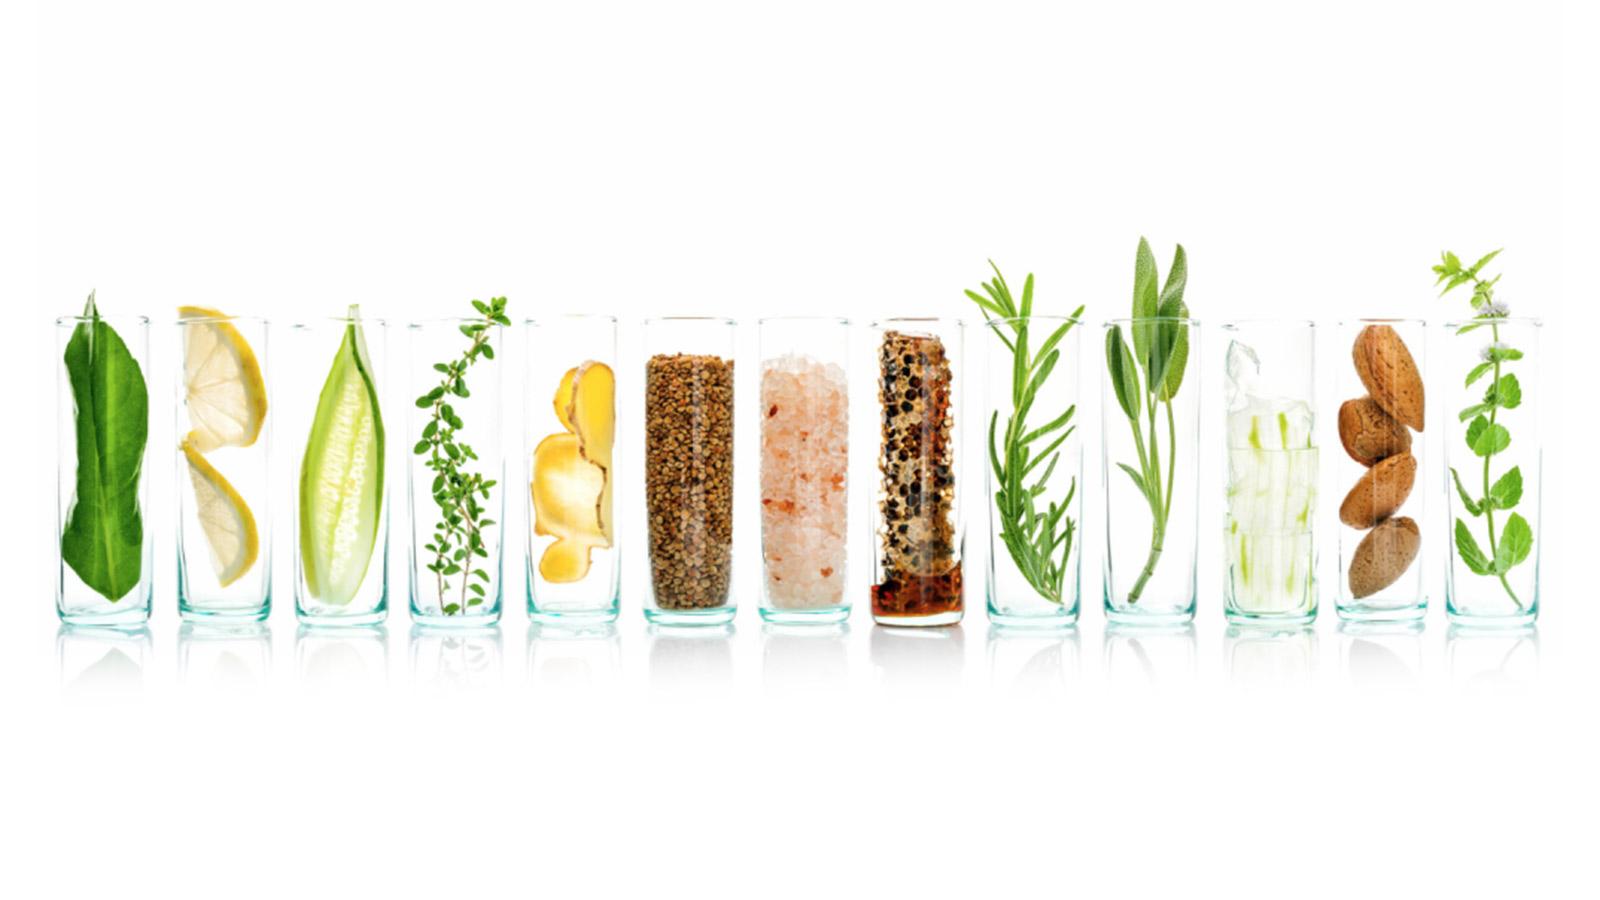 Koji prirodni preparat/suplement koristiti za dobrobit svoga organizma